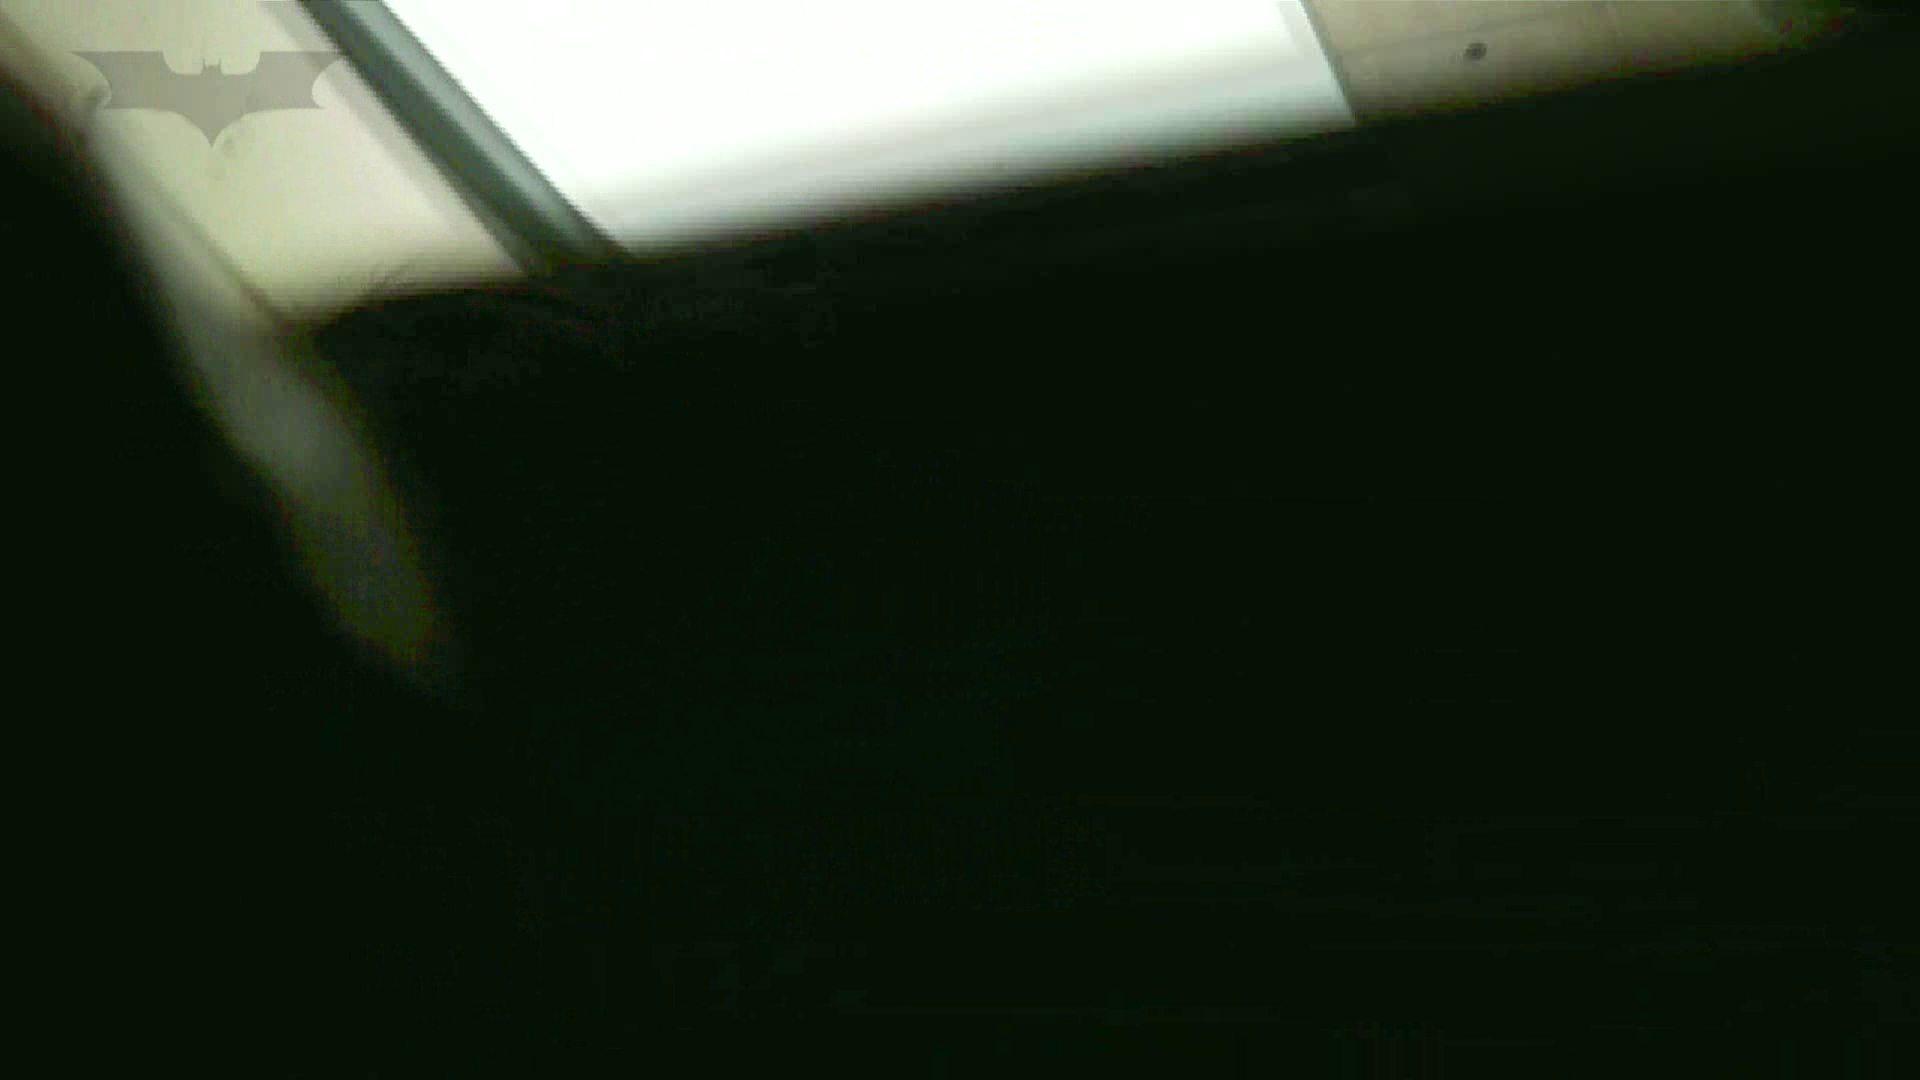 ステーション編 vol.29 頭二つ飛び出る180cm長身モデル エッチすぎるOL達 | 美しいモデル  80連発 33